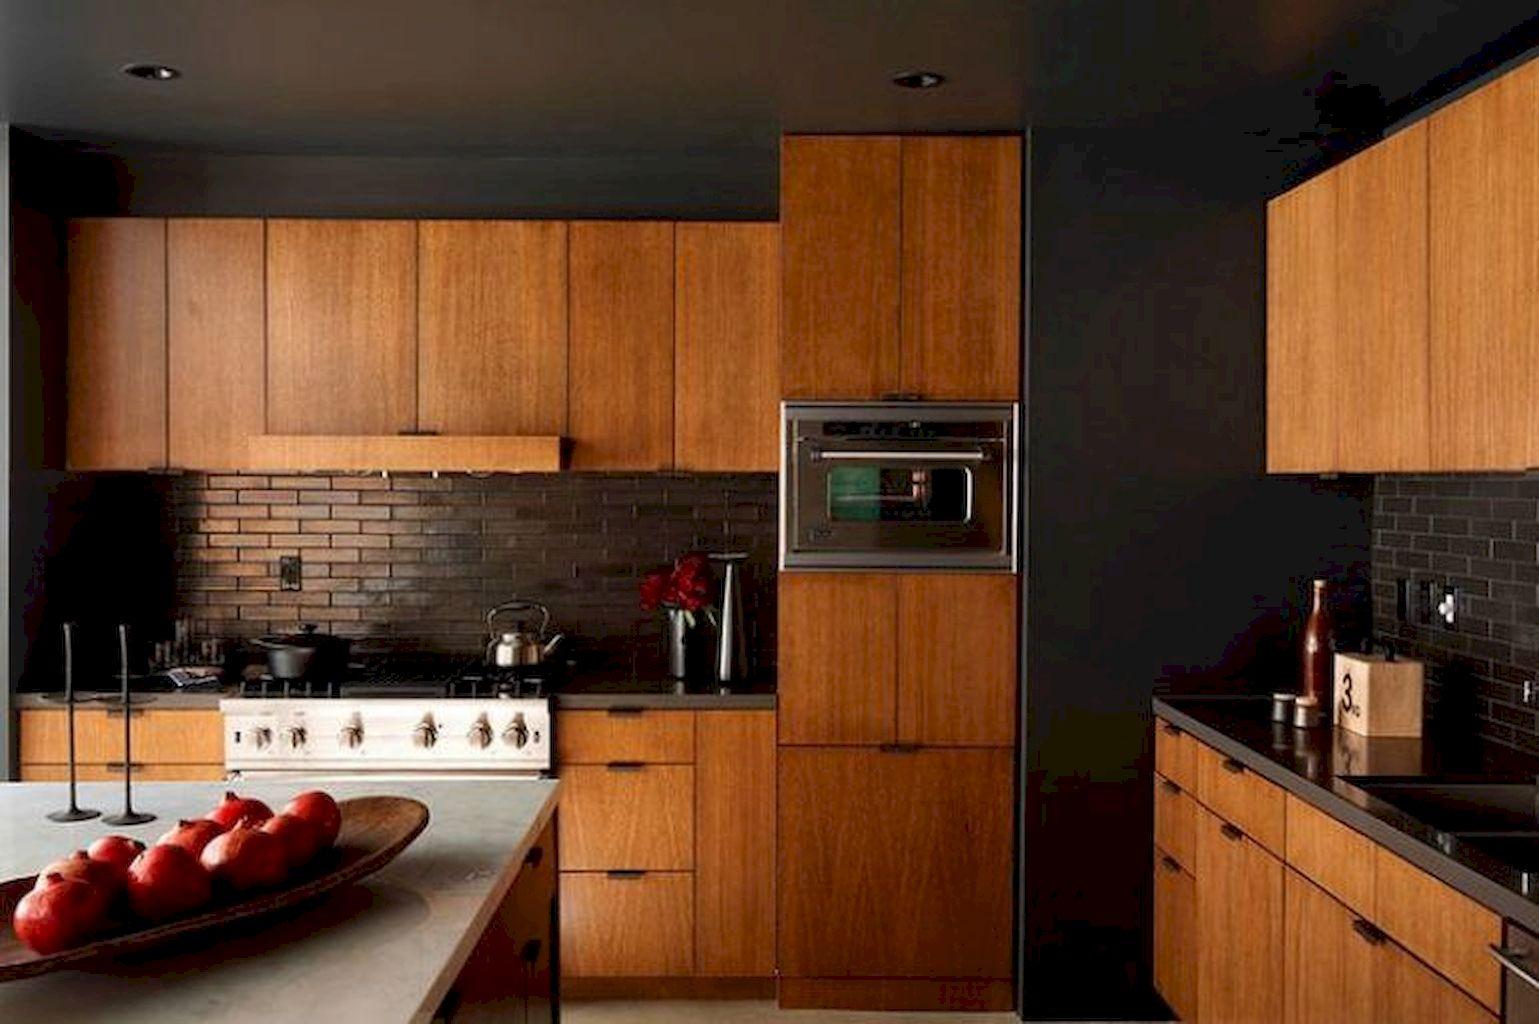 Kitchen Backsplash143